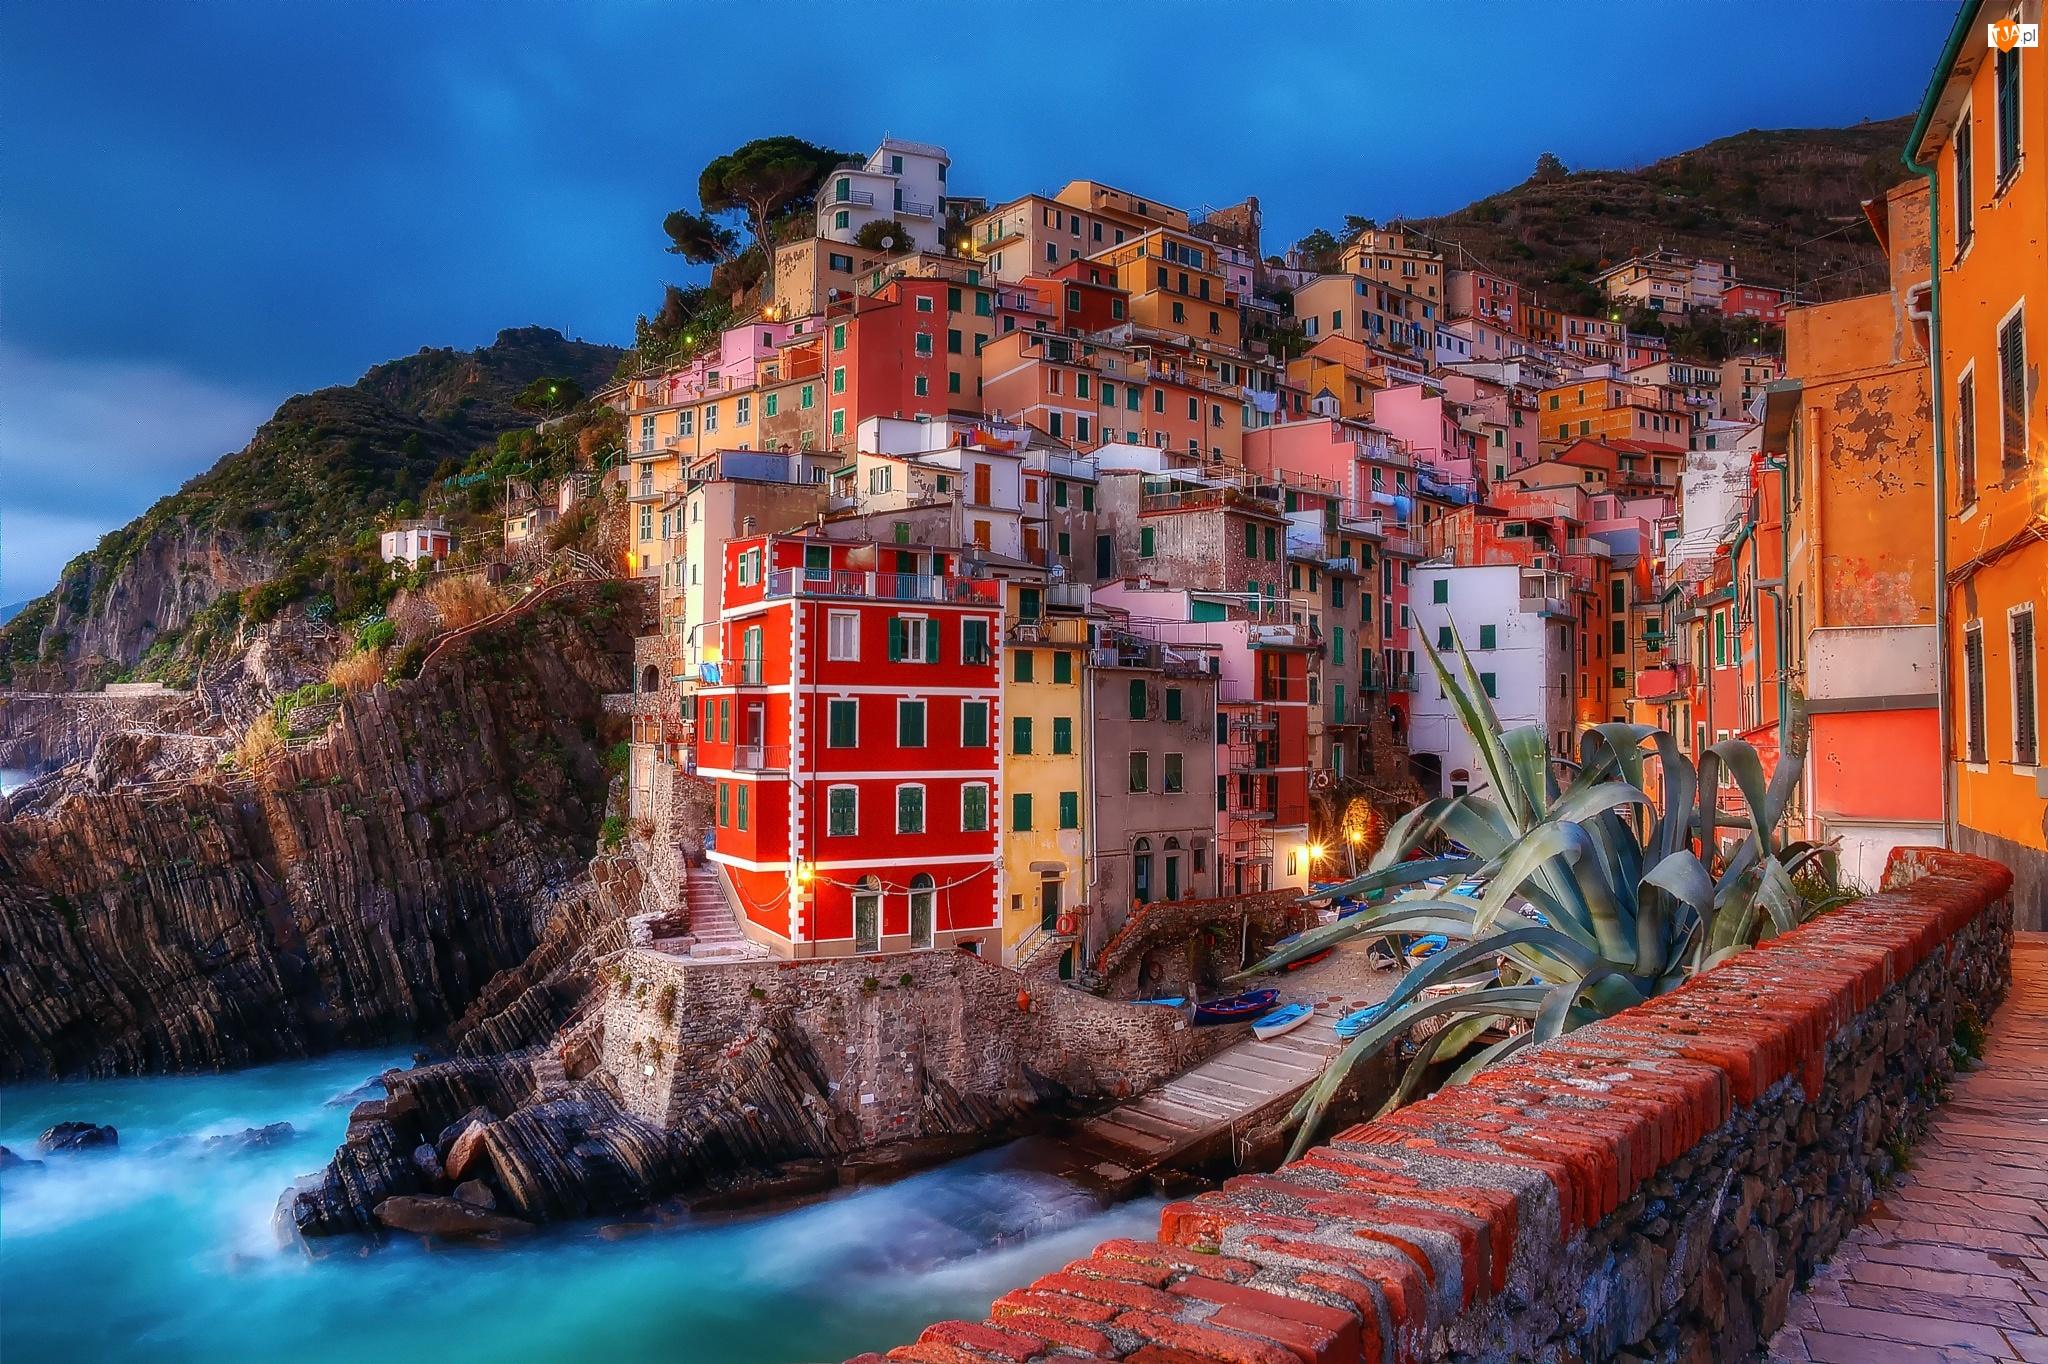 Domy, Włochy, Riomaggiore, Liguria, Wybrzeże